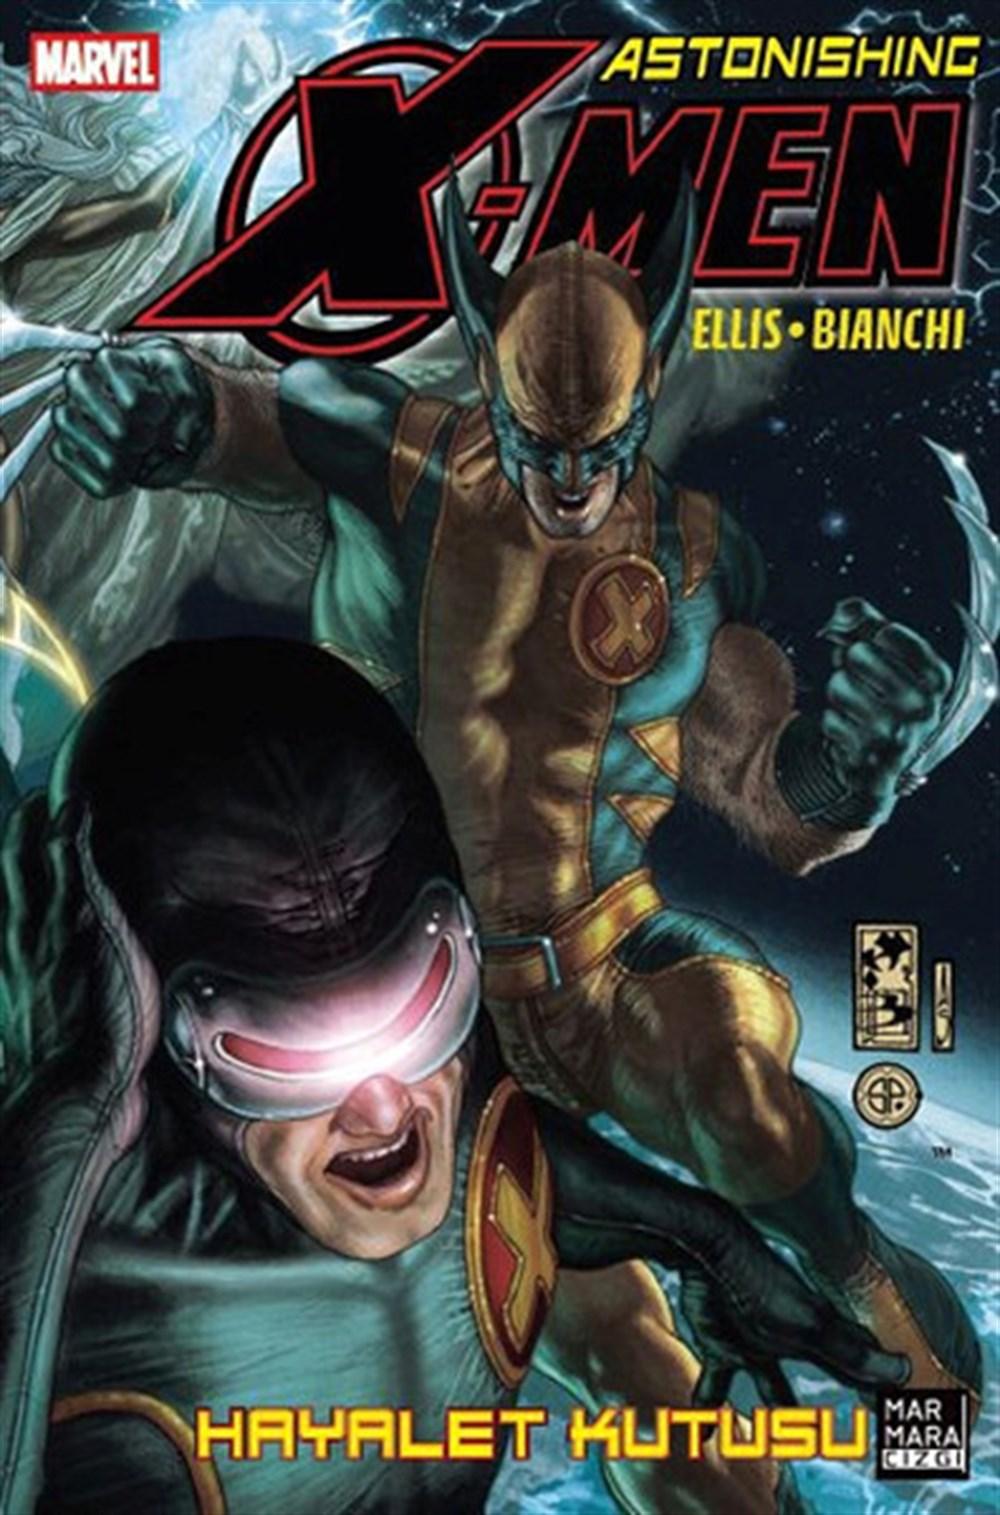 Astonishing X-Men 5: Hayalet Kutusu